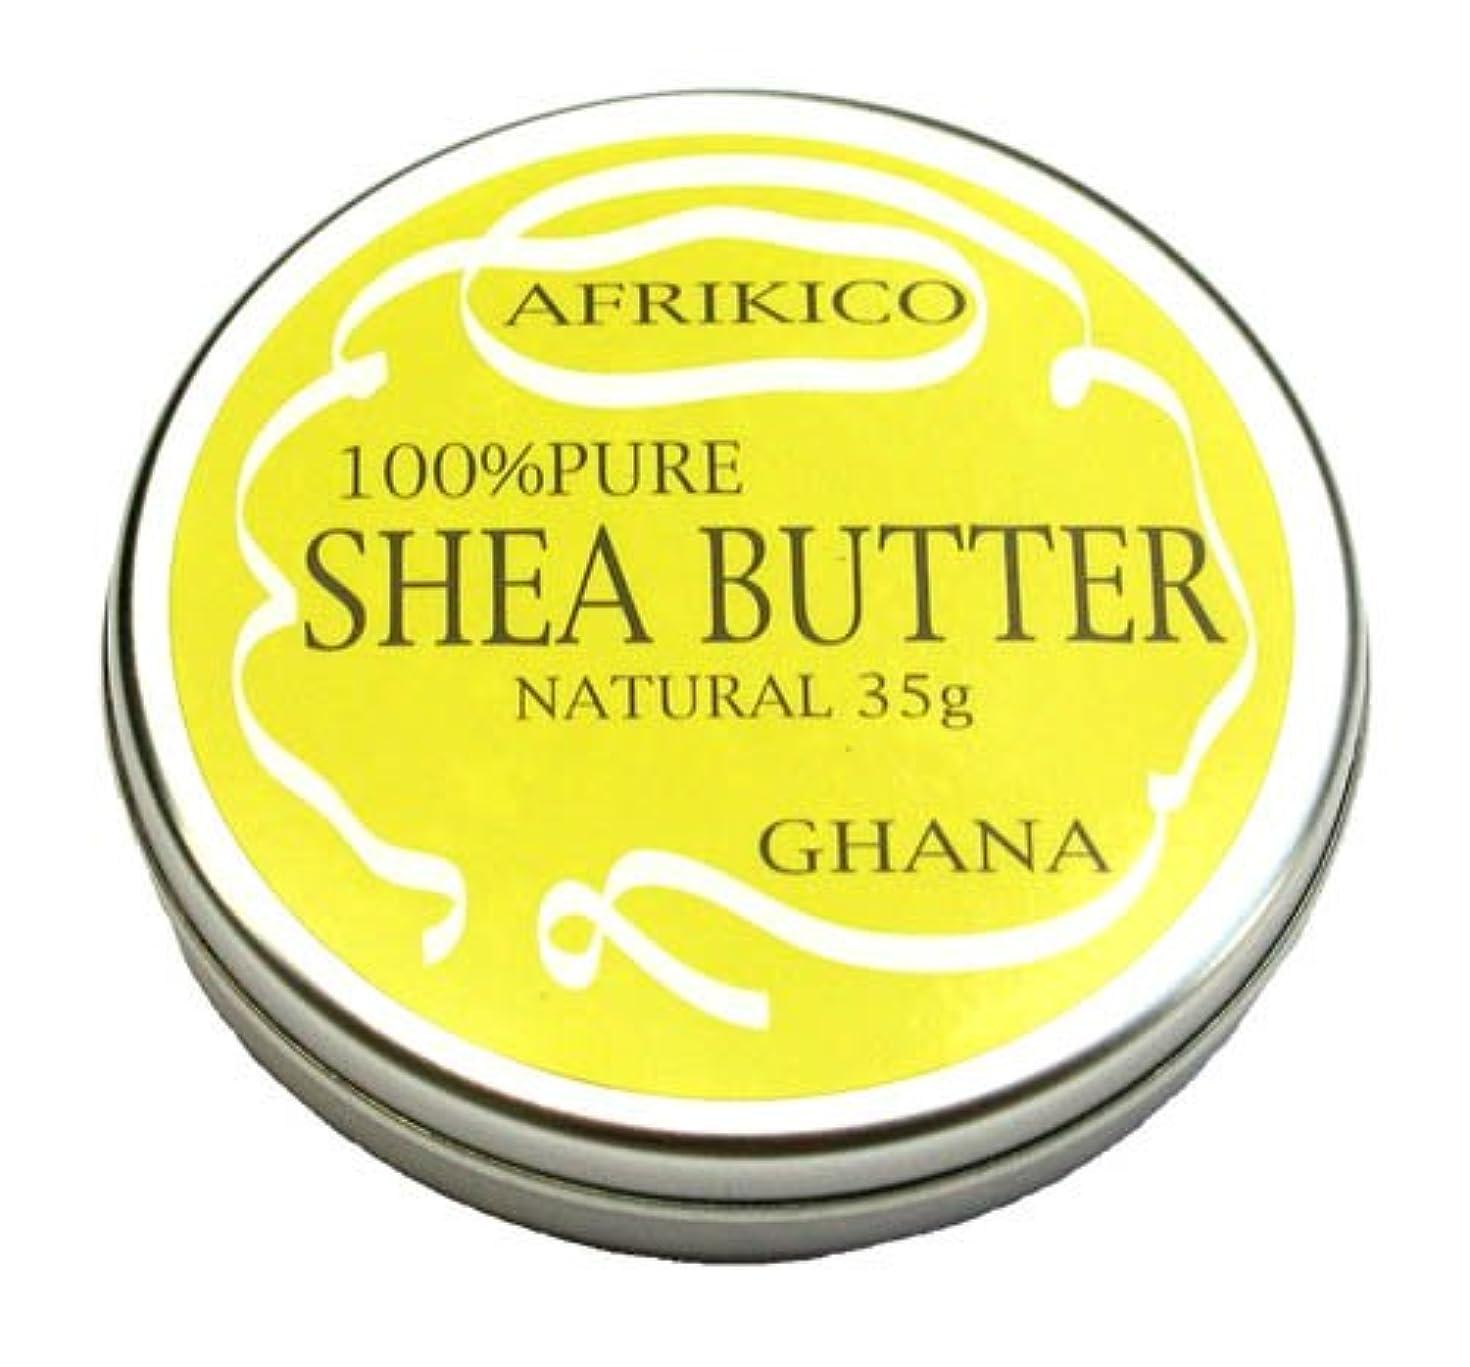 質量すばらしいです終了しましたアフリキコ(AFRIKICO)シアバター(未精製100%) (ナチュラル, 35g)